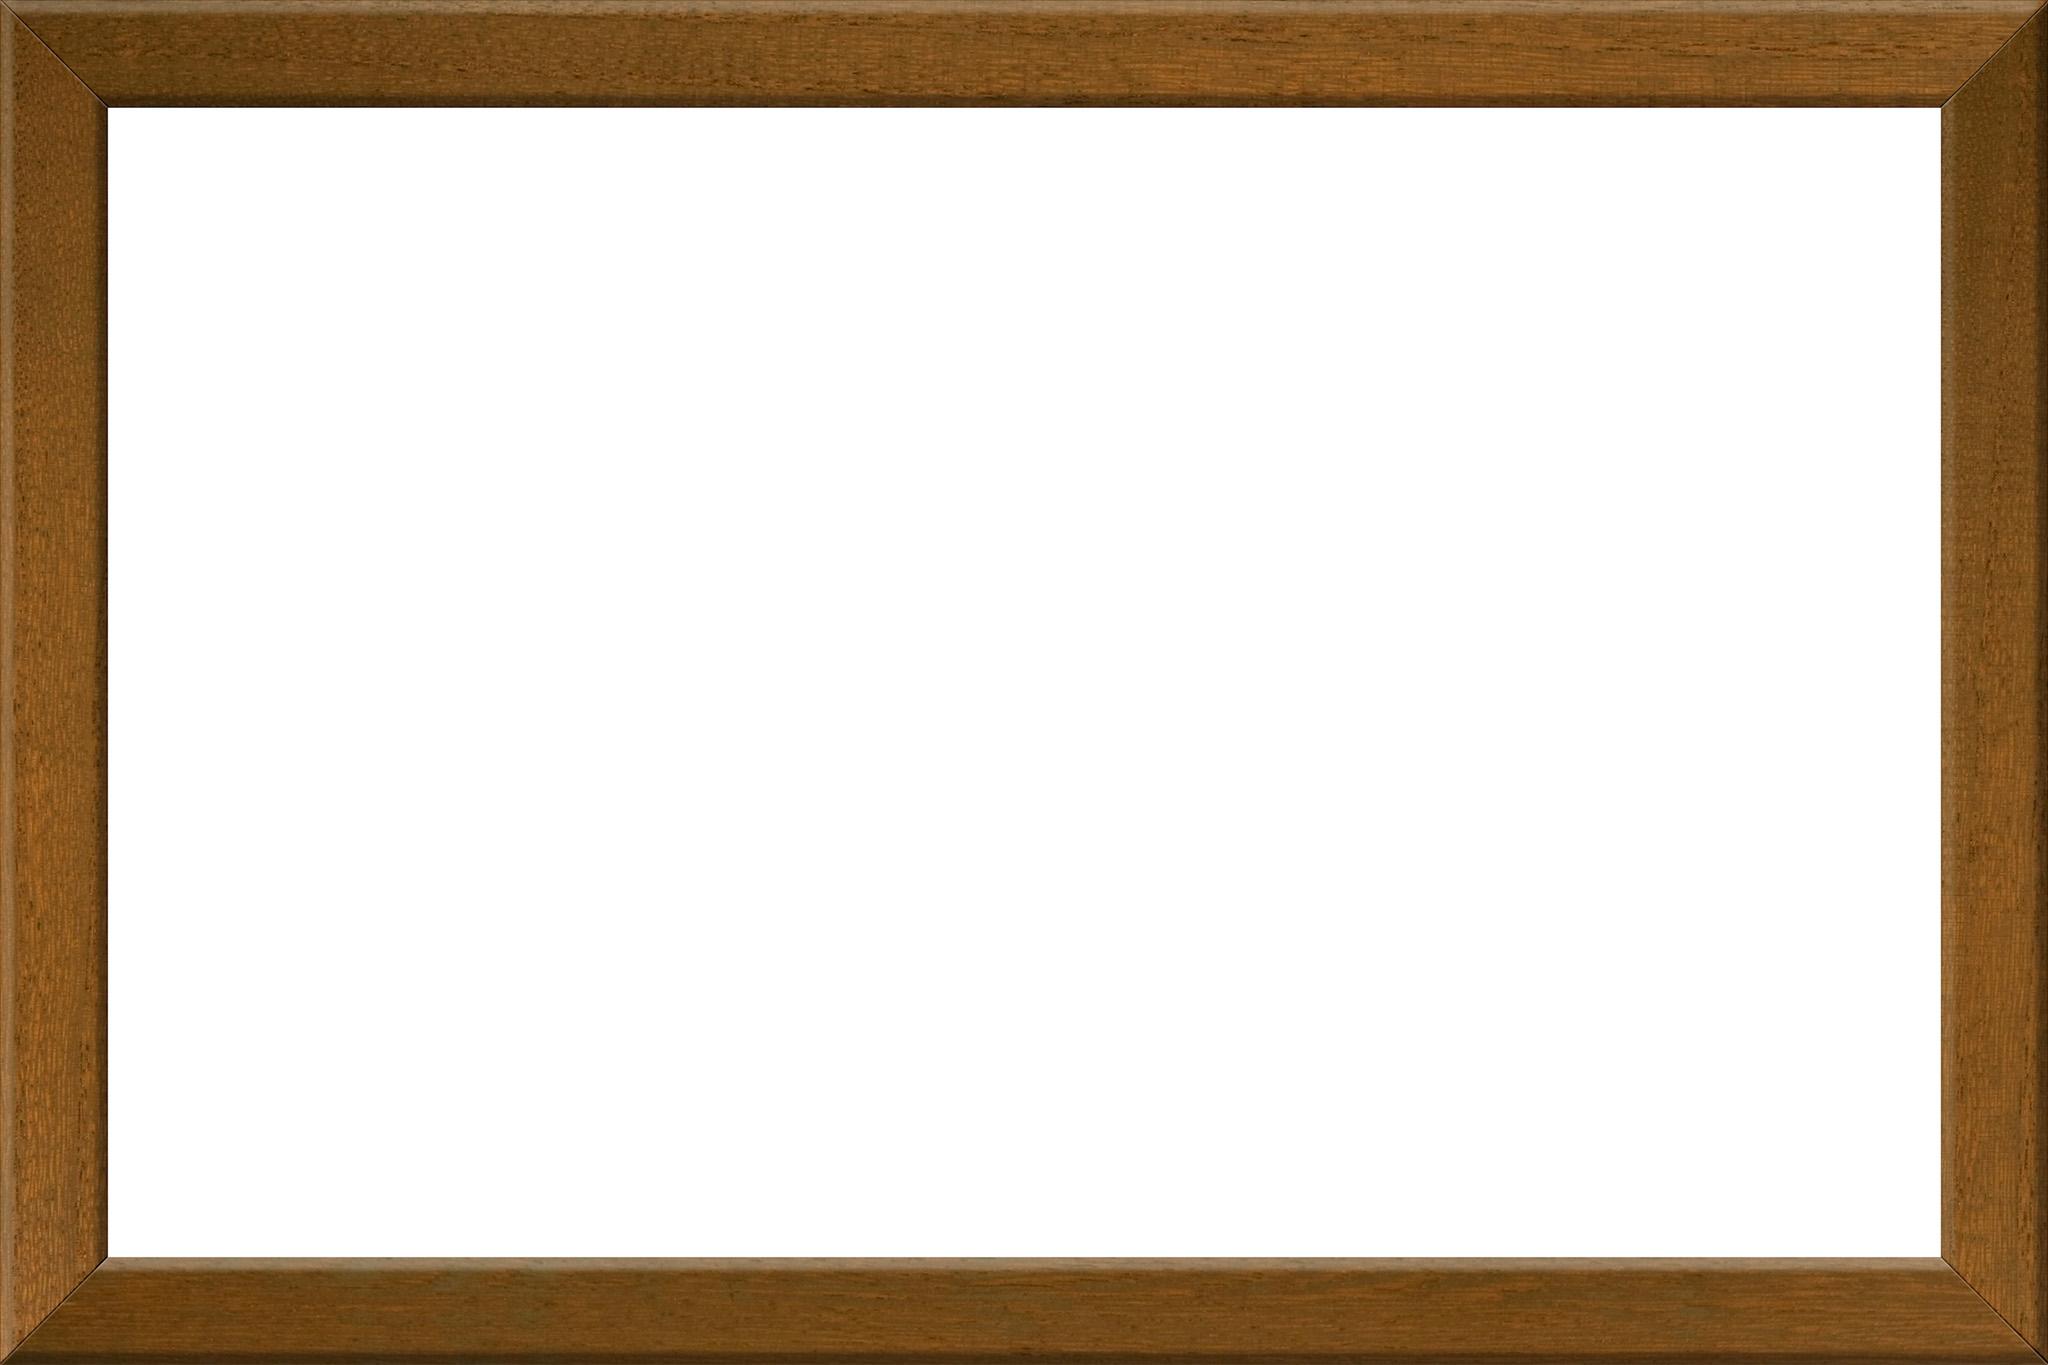 「茶色の木製素材の額縁」の画像を無料ダウンロード